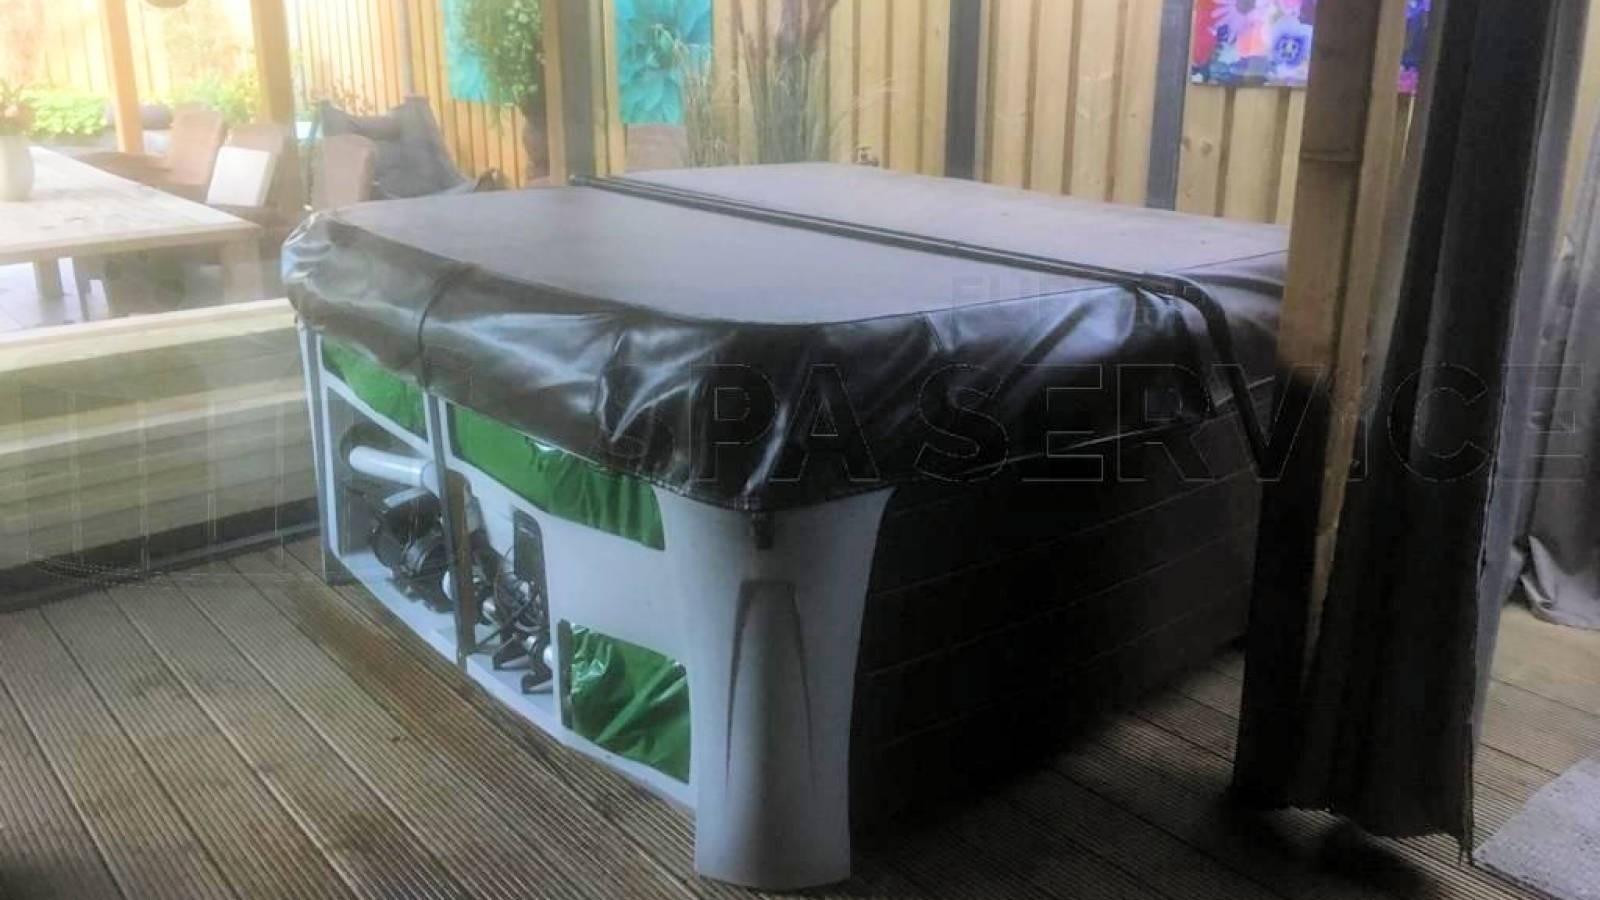 Reparatie verwarming van een Dreammaker Crossover spa in Oijen